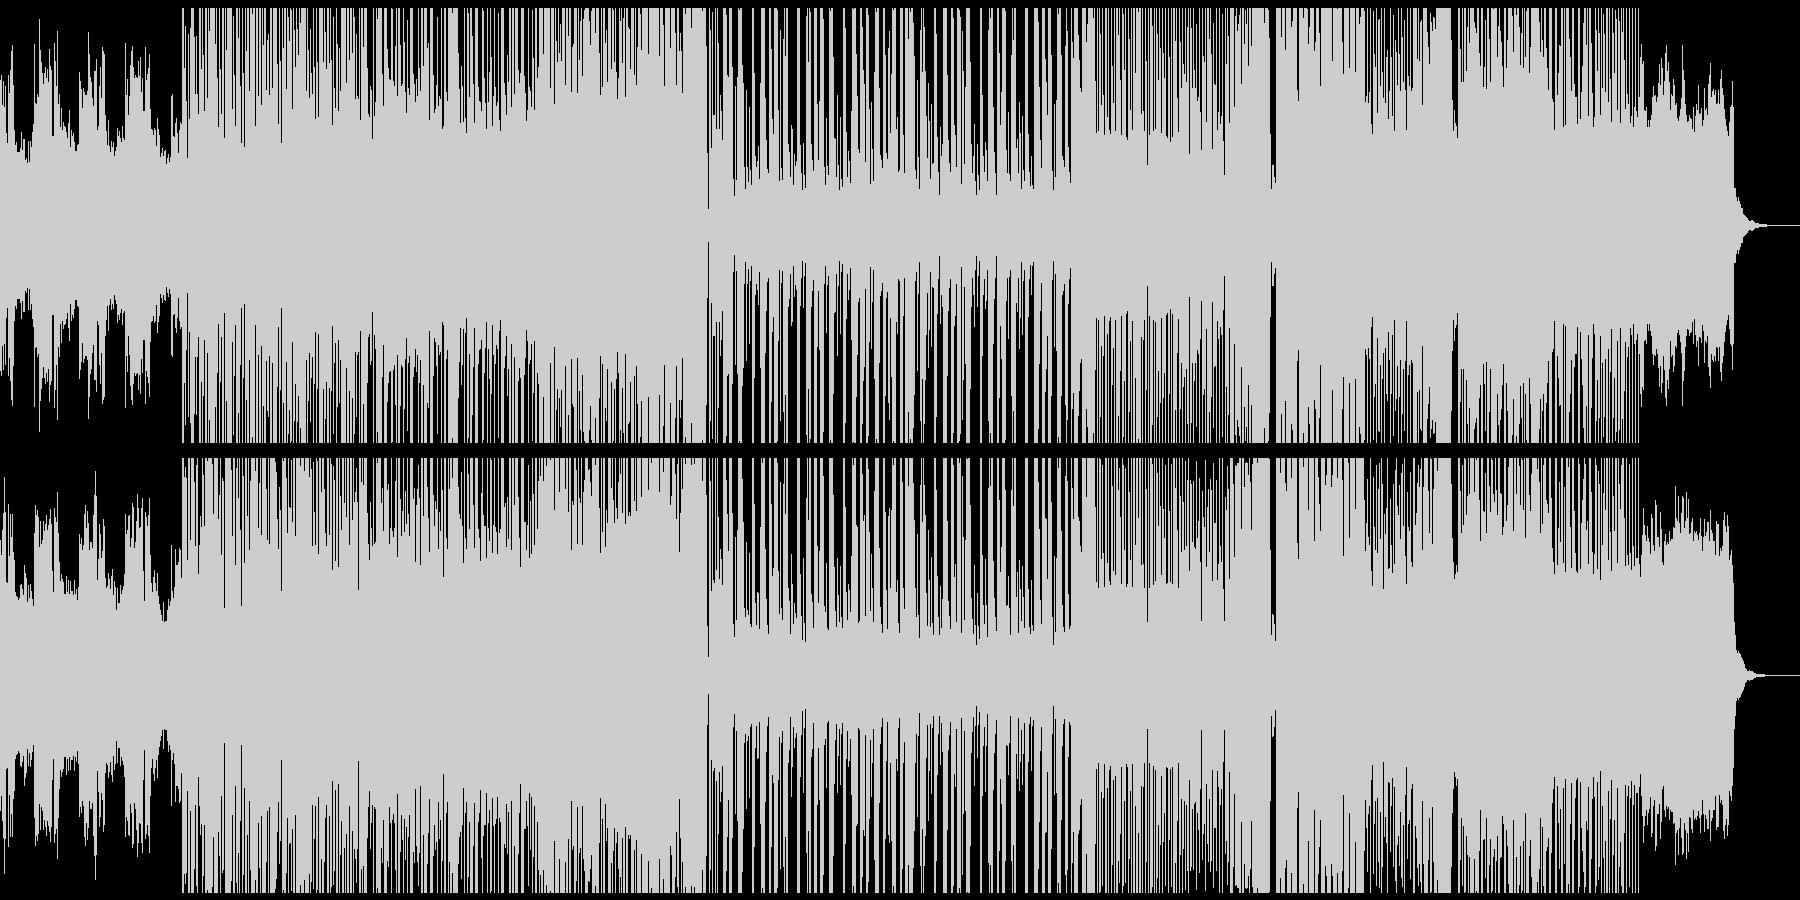 騒がしめなdubstepの未再生の波形